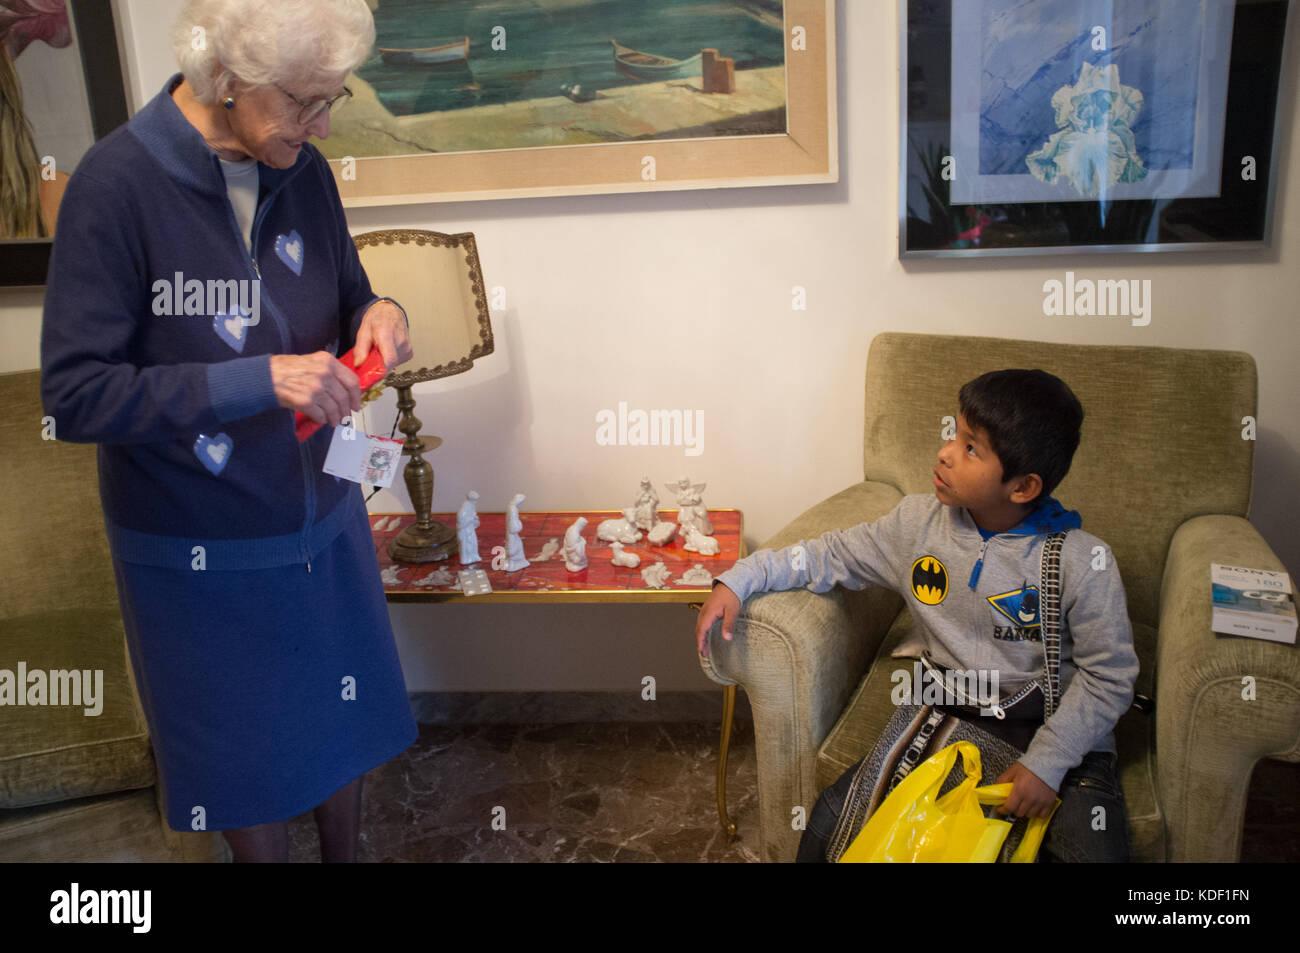 Regali Di Natale Per Le Nonne.Adottato Il Ragazzo Di Latina Apre I Regali Di Natale Con La Sua